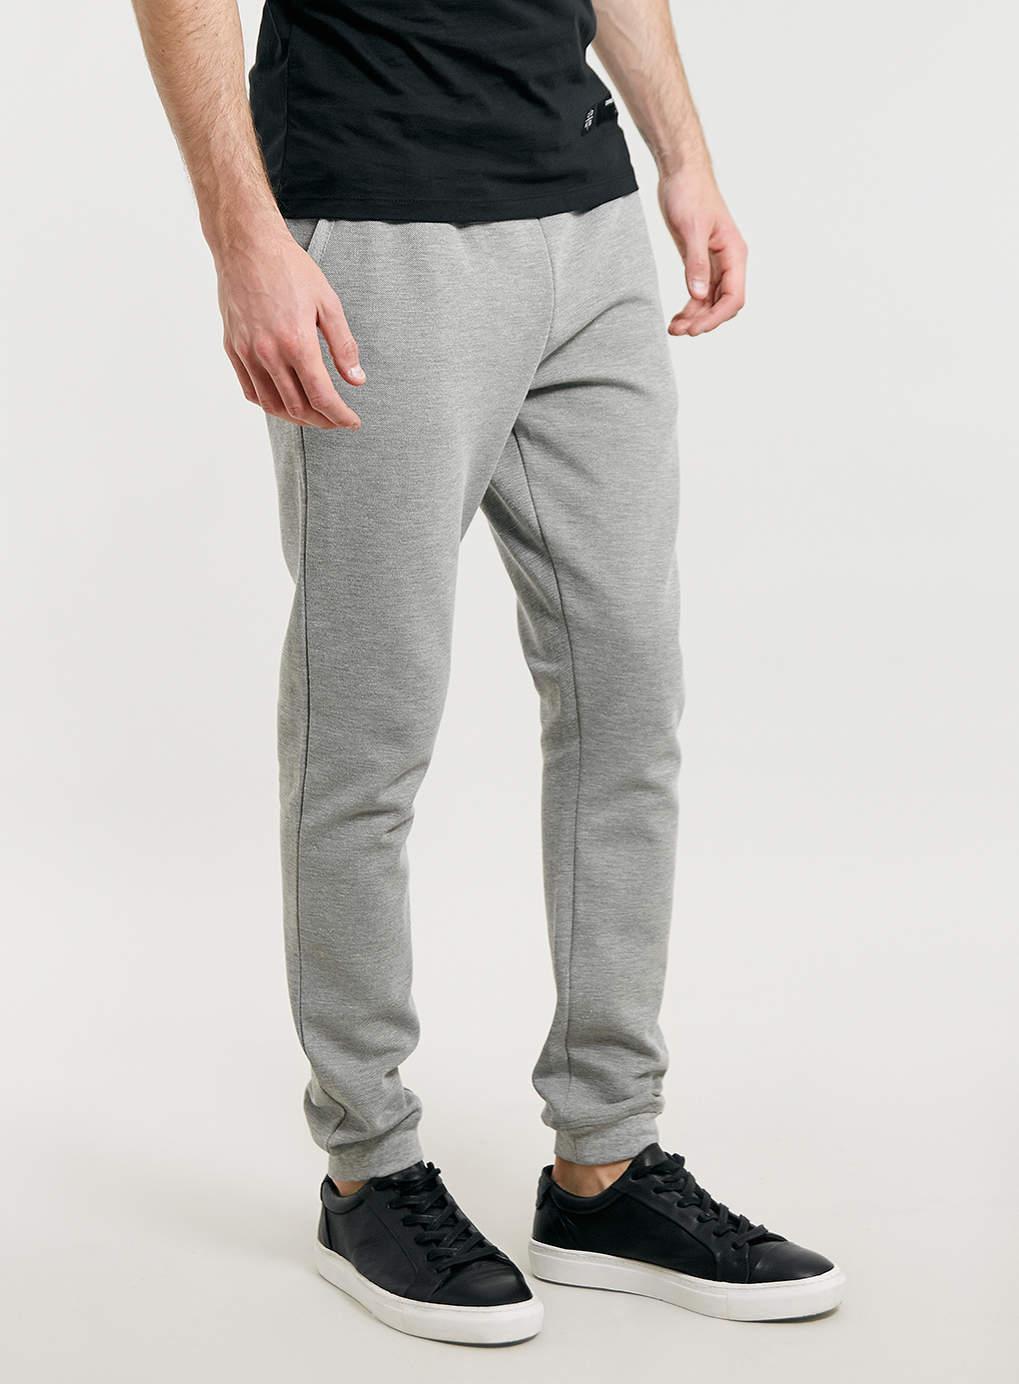 Jeans/Joggers + Quick Shop